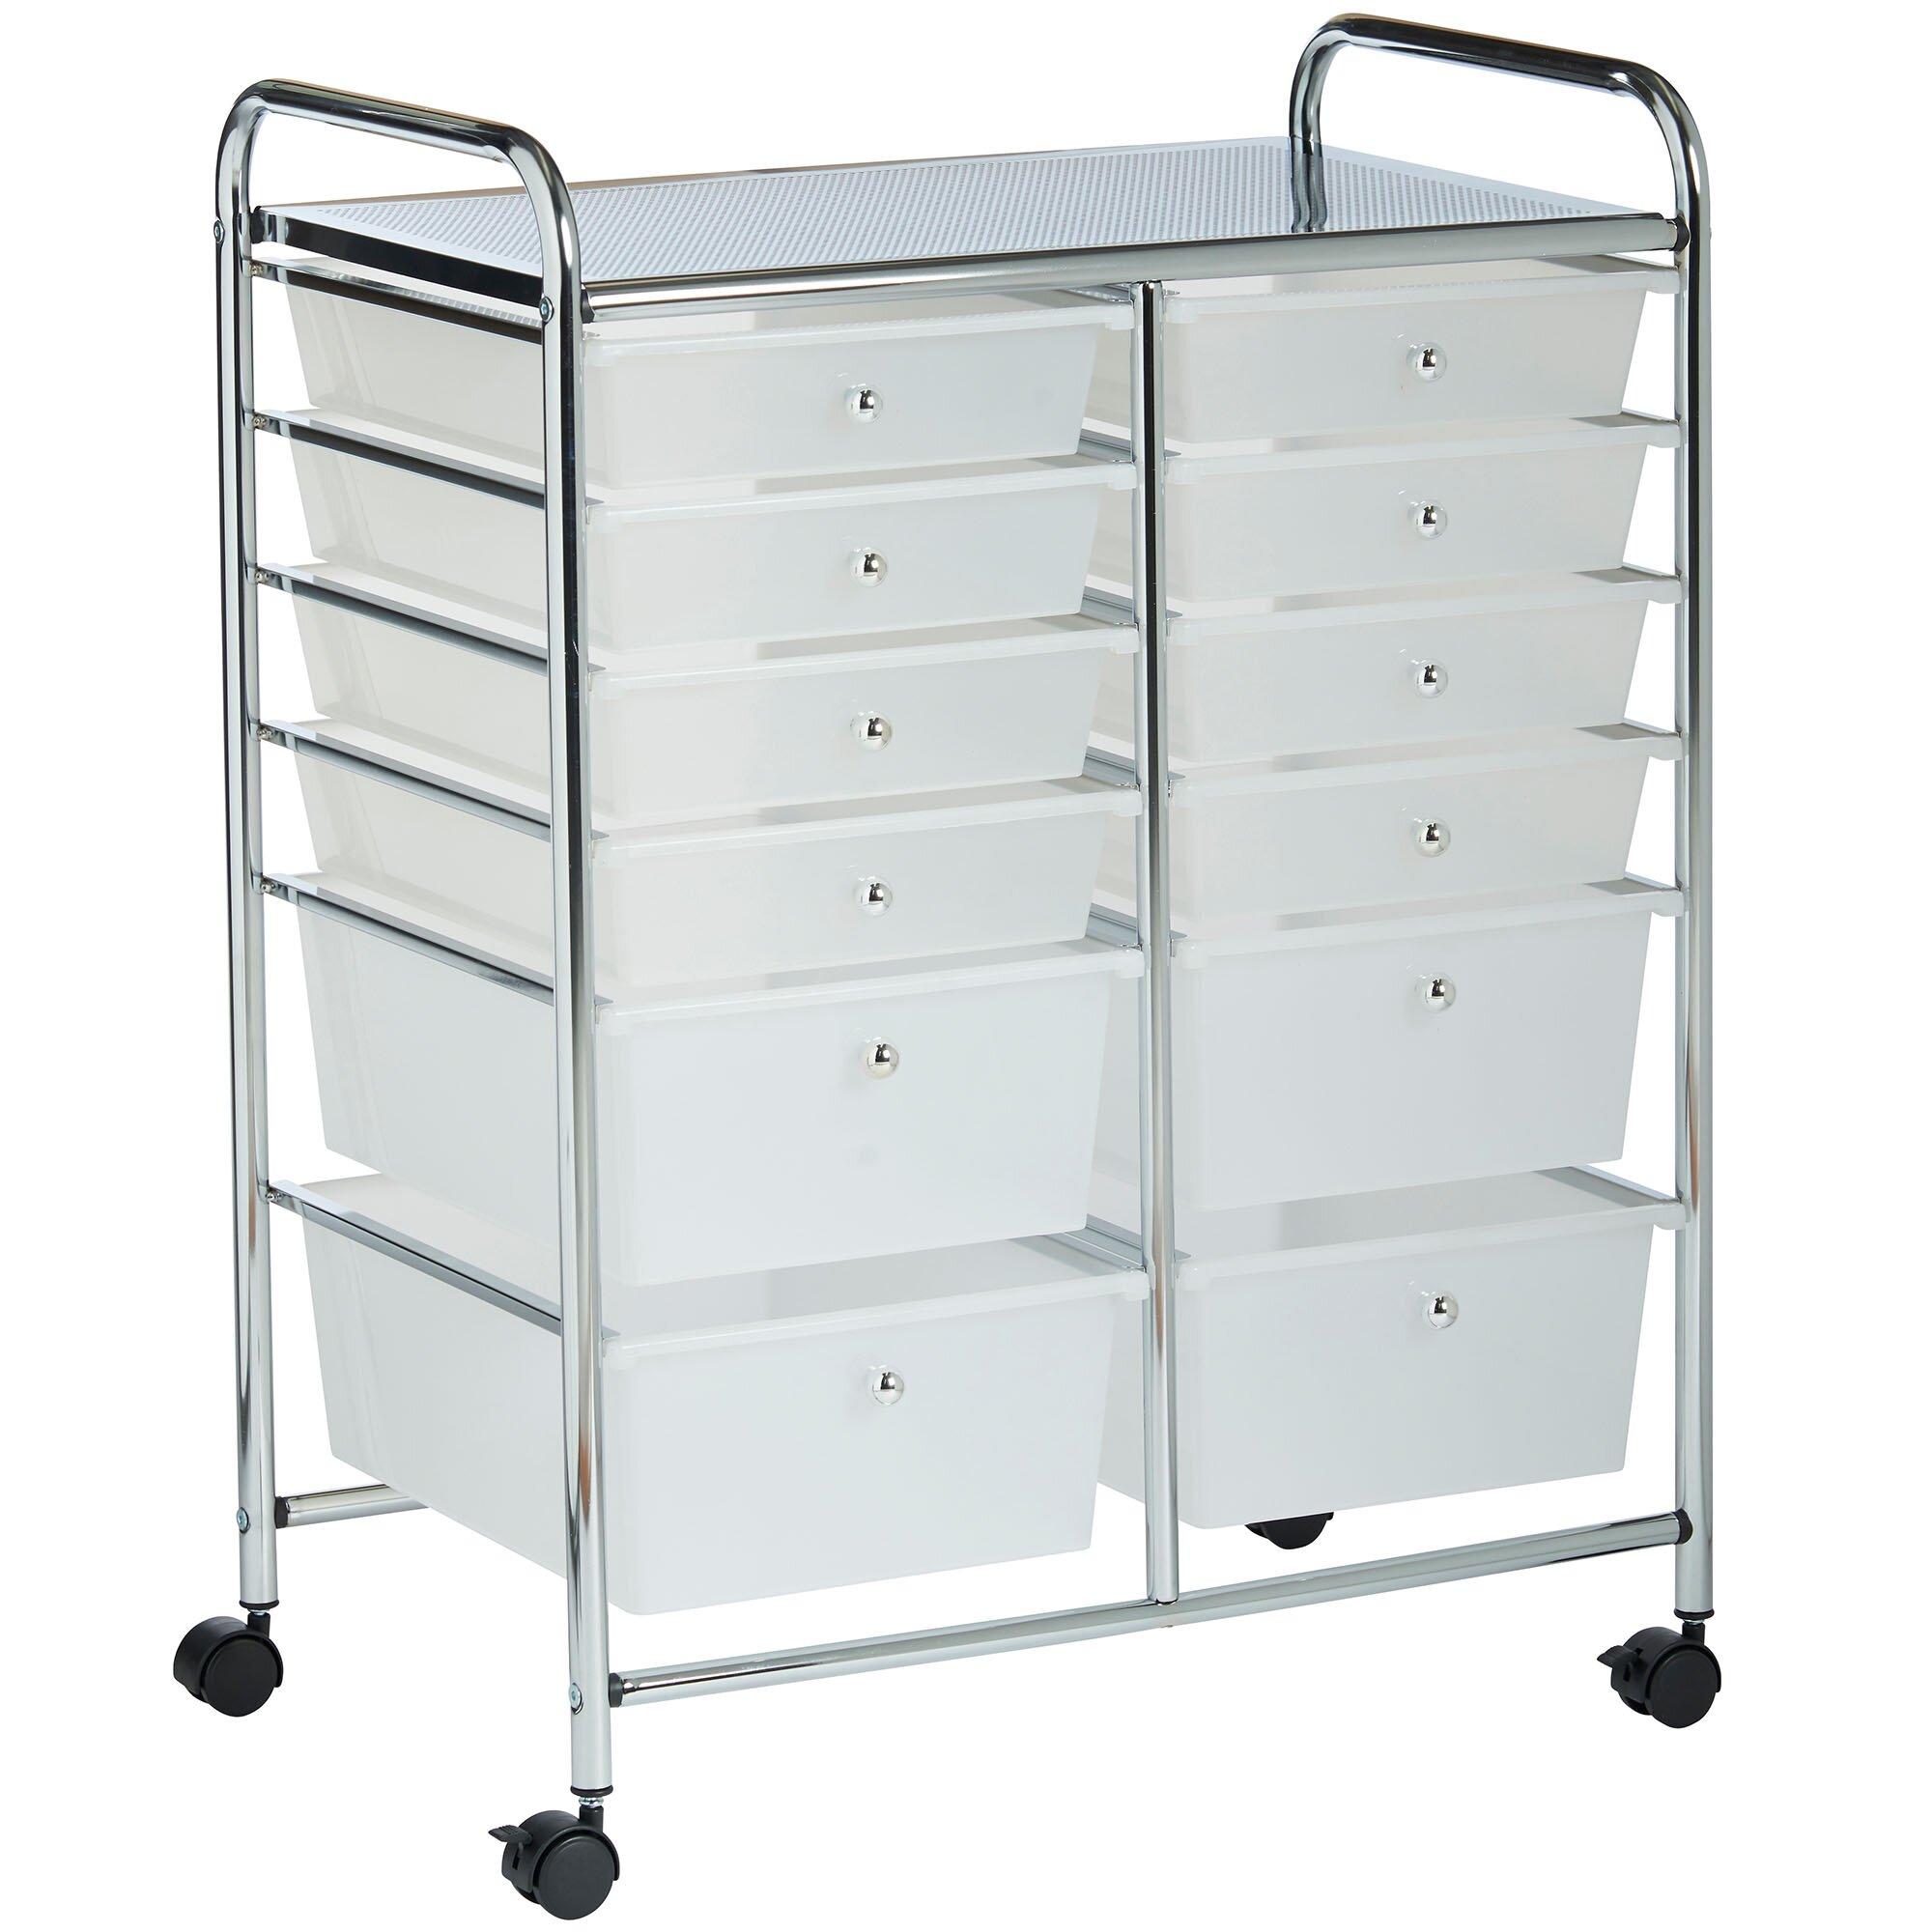 vonhaus 12 drawer rolling trolley storage organizer reviews wayfair. Black Bedroom Furniture Sets. Home Design Ideas